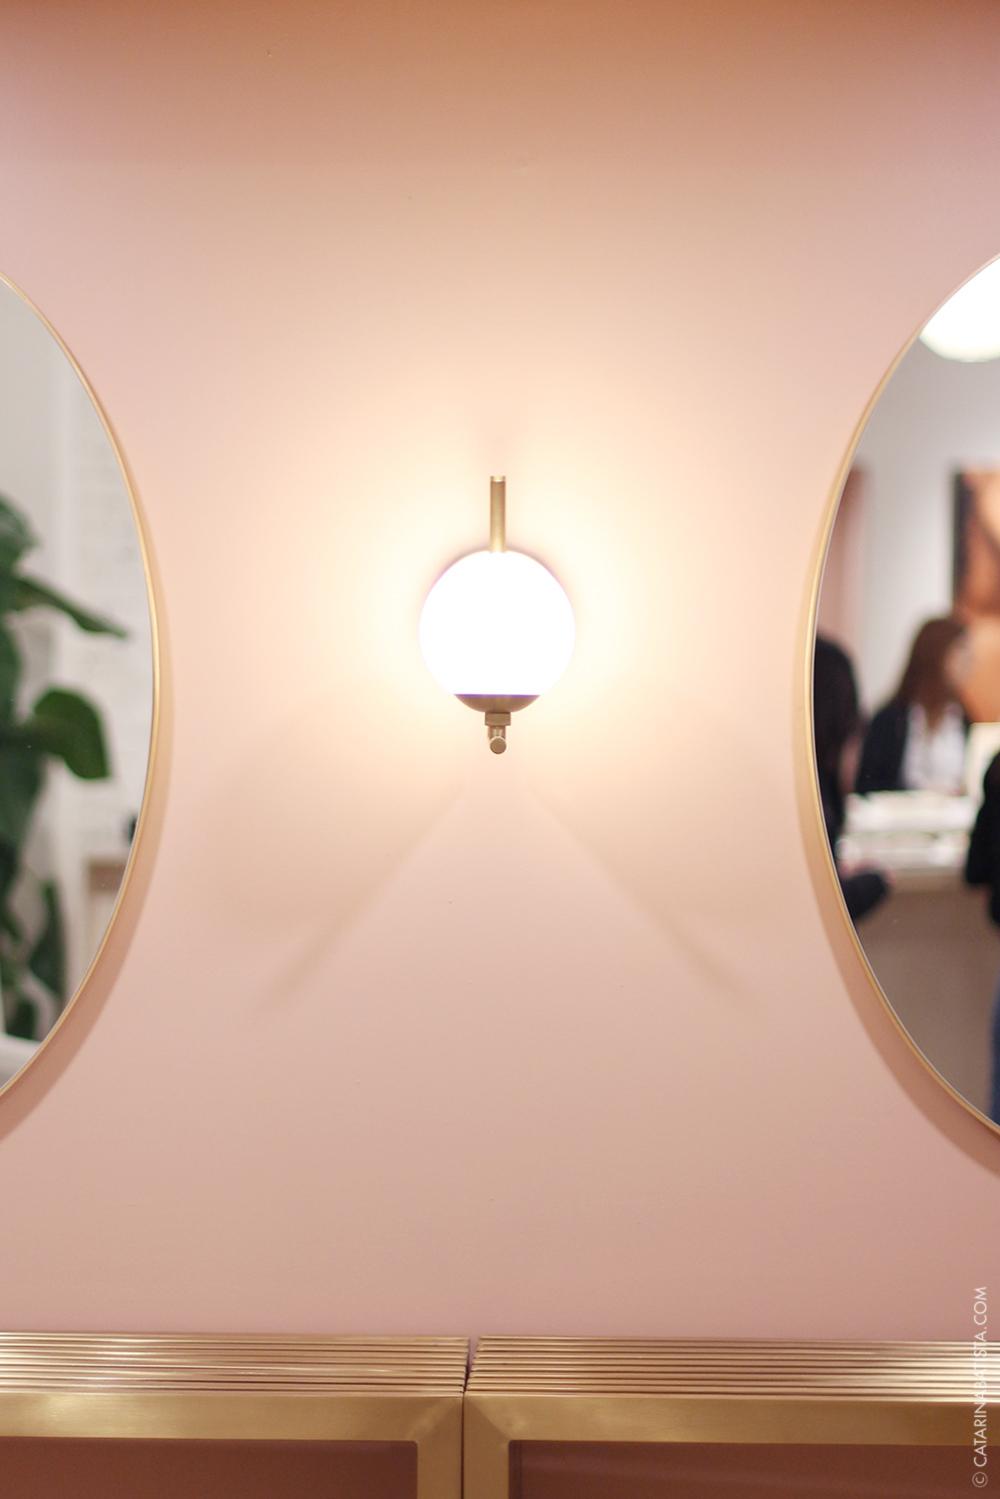 69_Catarina_Batista_nyc_arquitectura_decoracao_designdeinteriores_interiordesign_make_it_beautiful.jpg